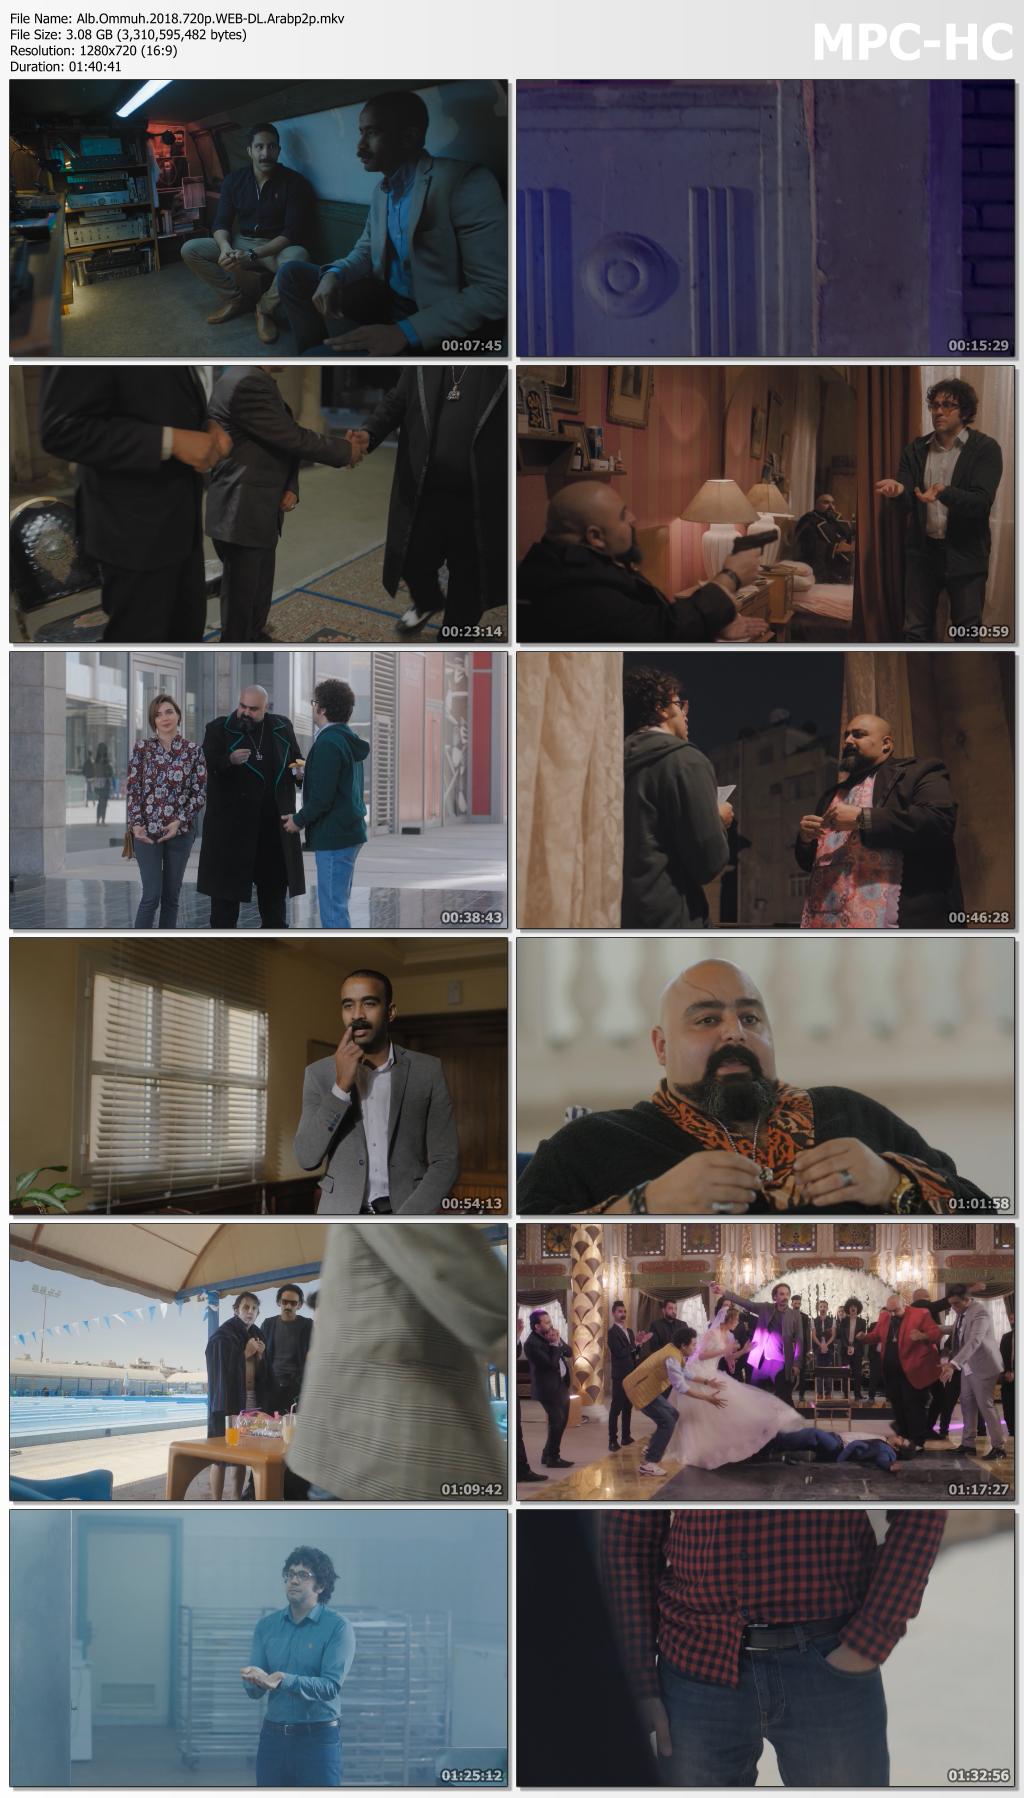 [فيلم][تورنت][تحميل][قلب أمه][2018][720p][Web-DL] 5 arabp2p.com